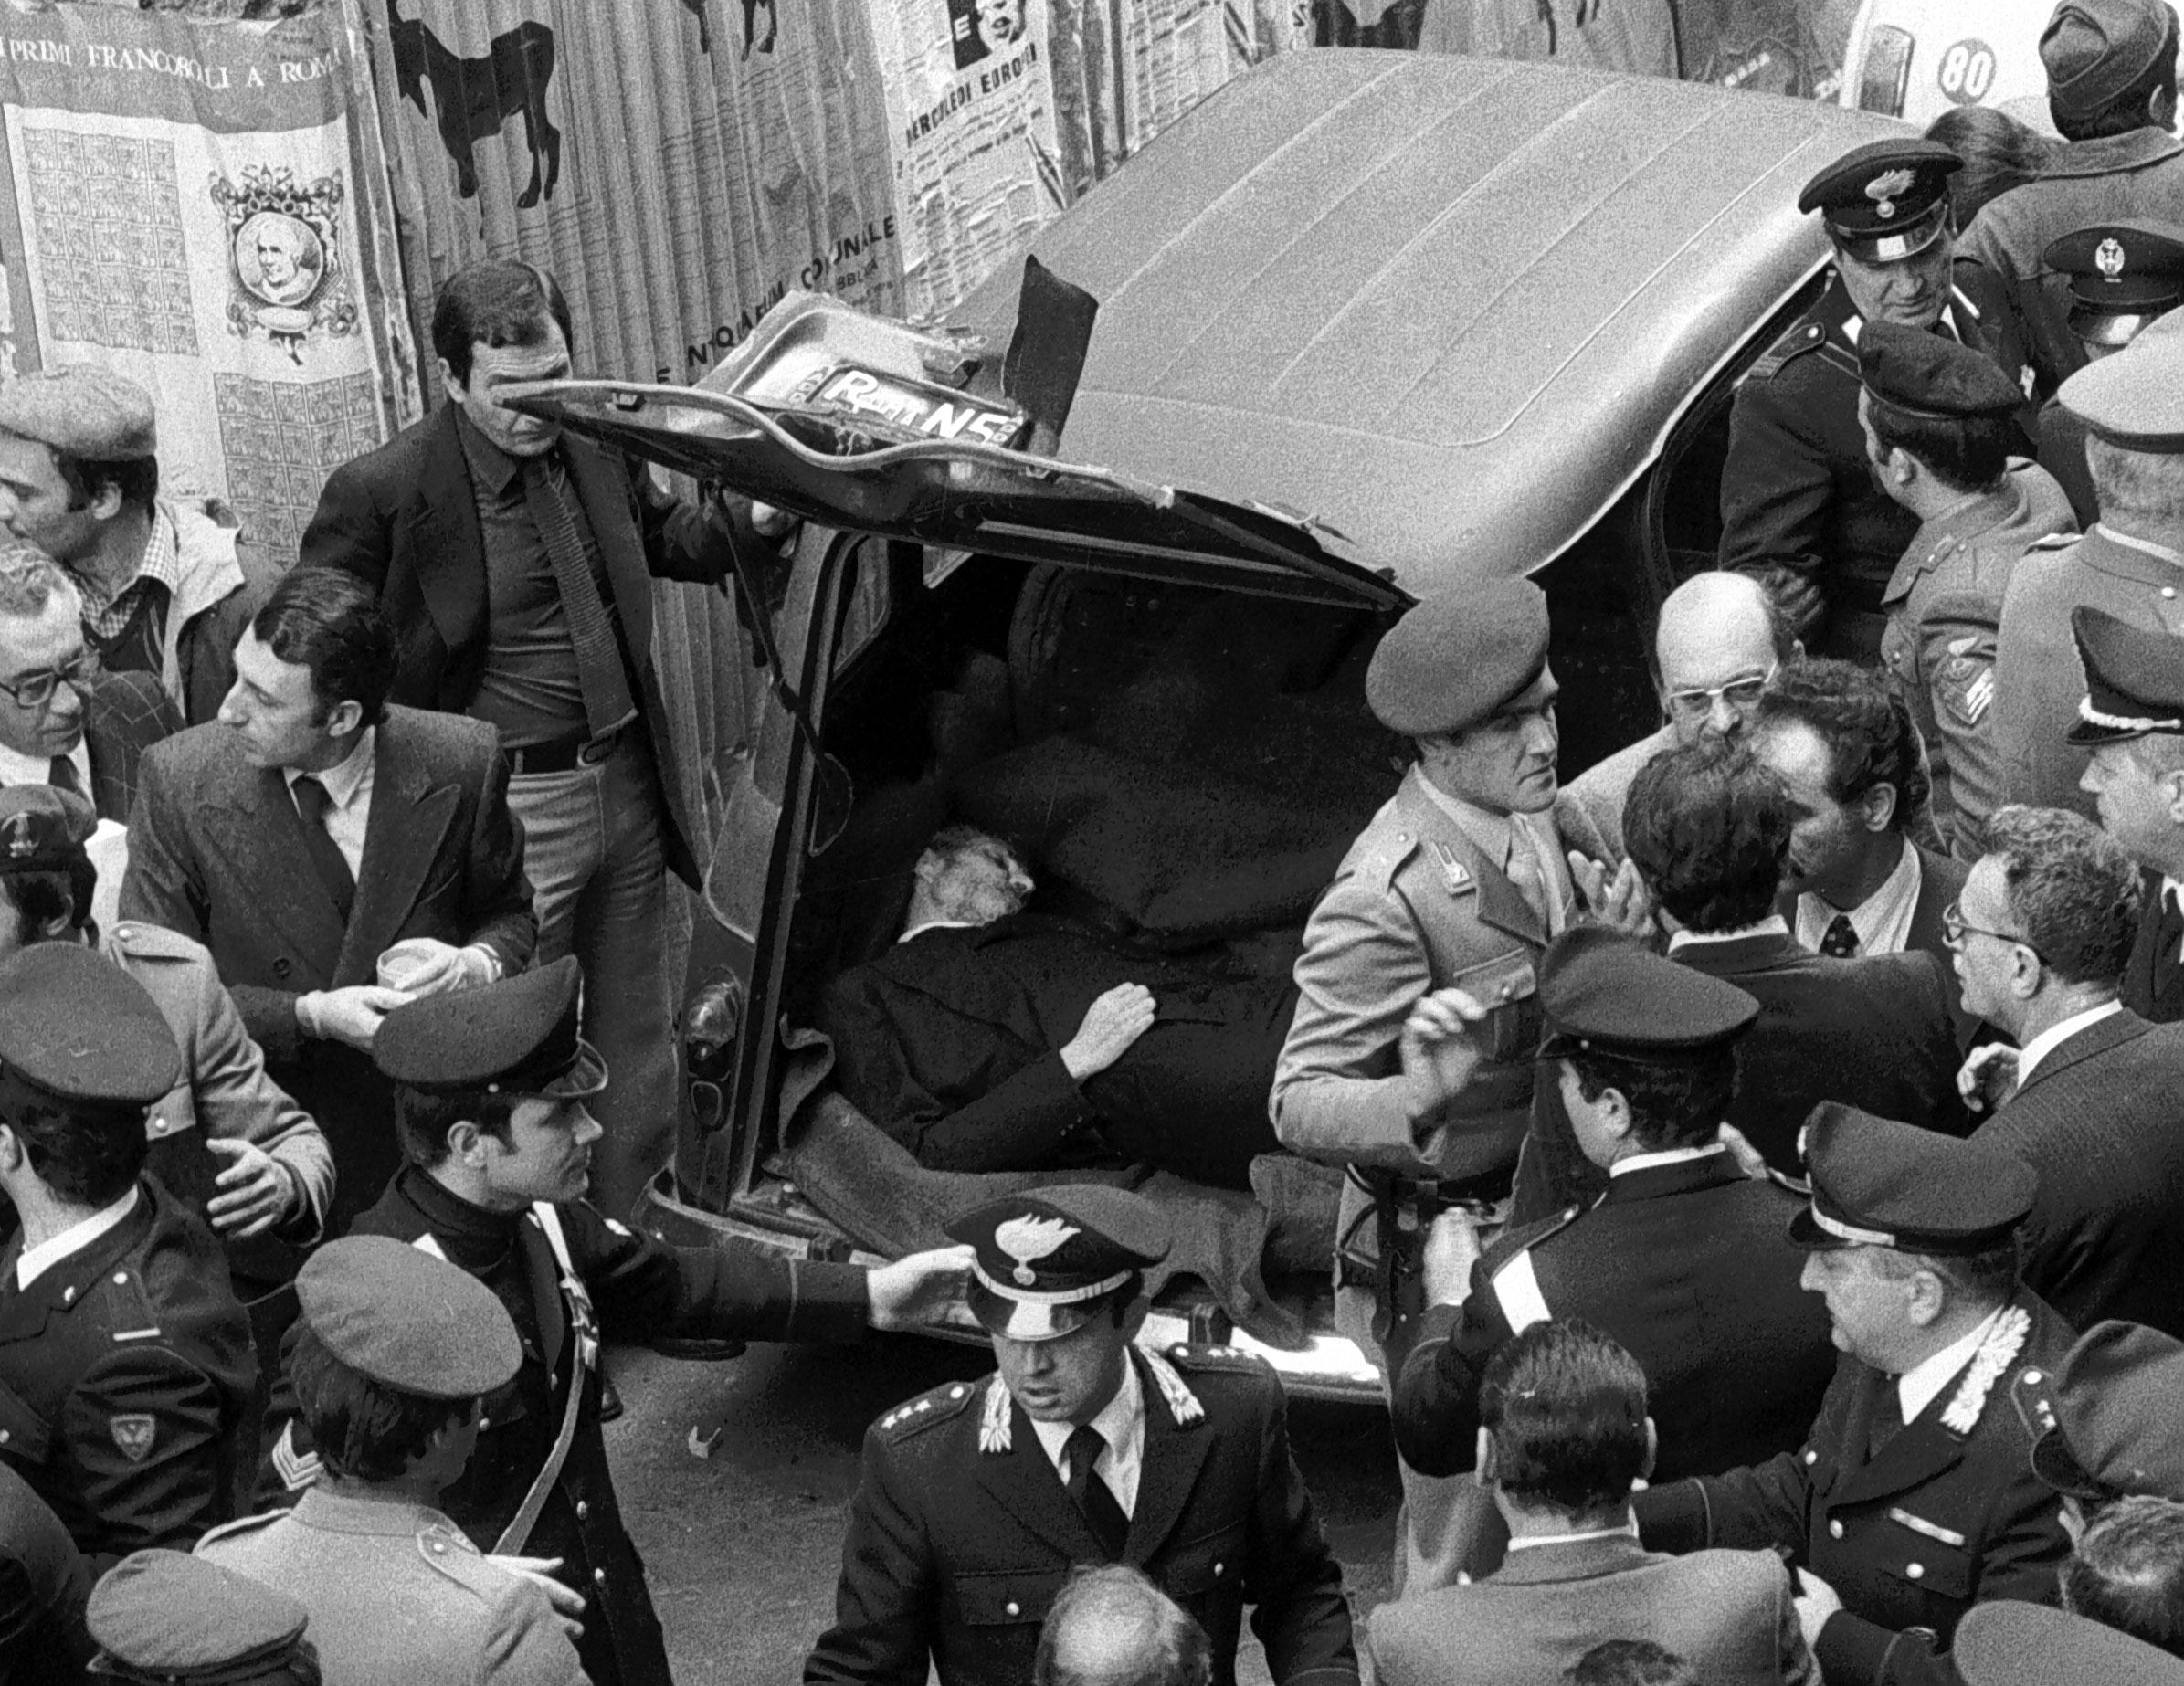 20031111 - ROMA - CRO - MORO: PRESTO RICHIESTA RIAPERTURA INDAGINI PER CONTO VEDOVA - Una foto d'archivio, datata 9 maggio 1978, del ritrovamento del corpo di Aldo Moro in una renault, in via Caetani a Roma. ROLANDO FAVA/ANSA-ARCHIVIO/TO